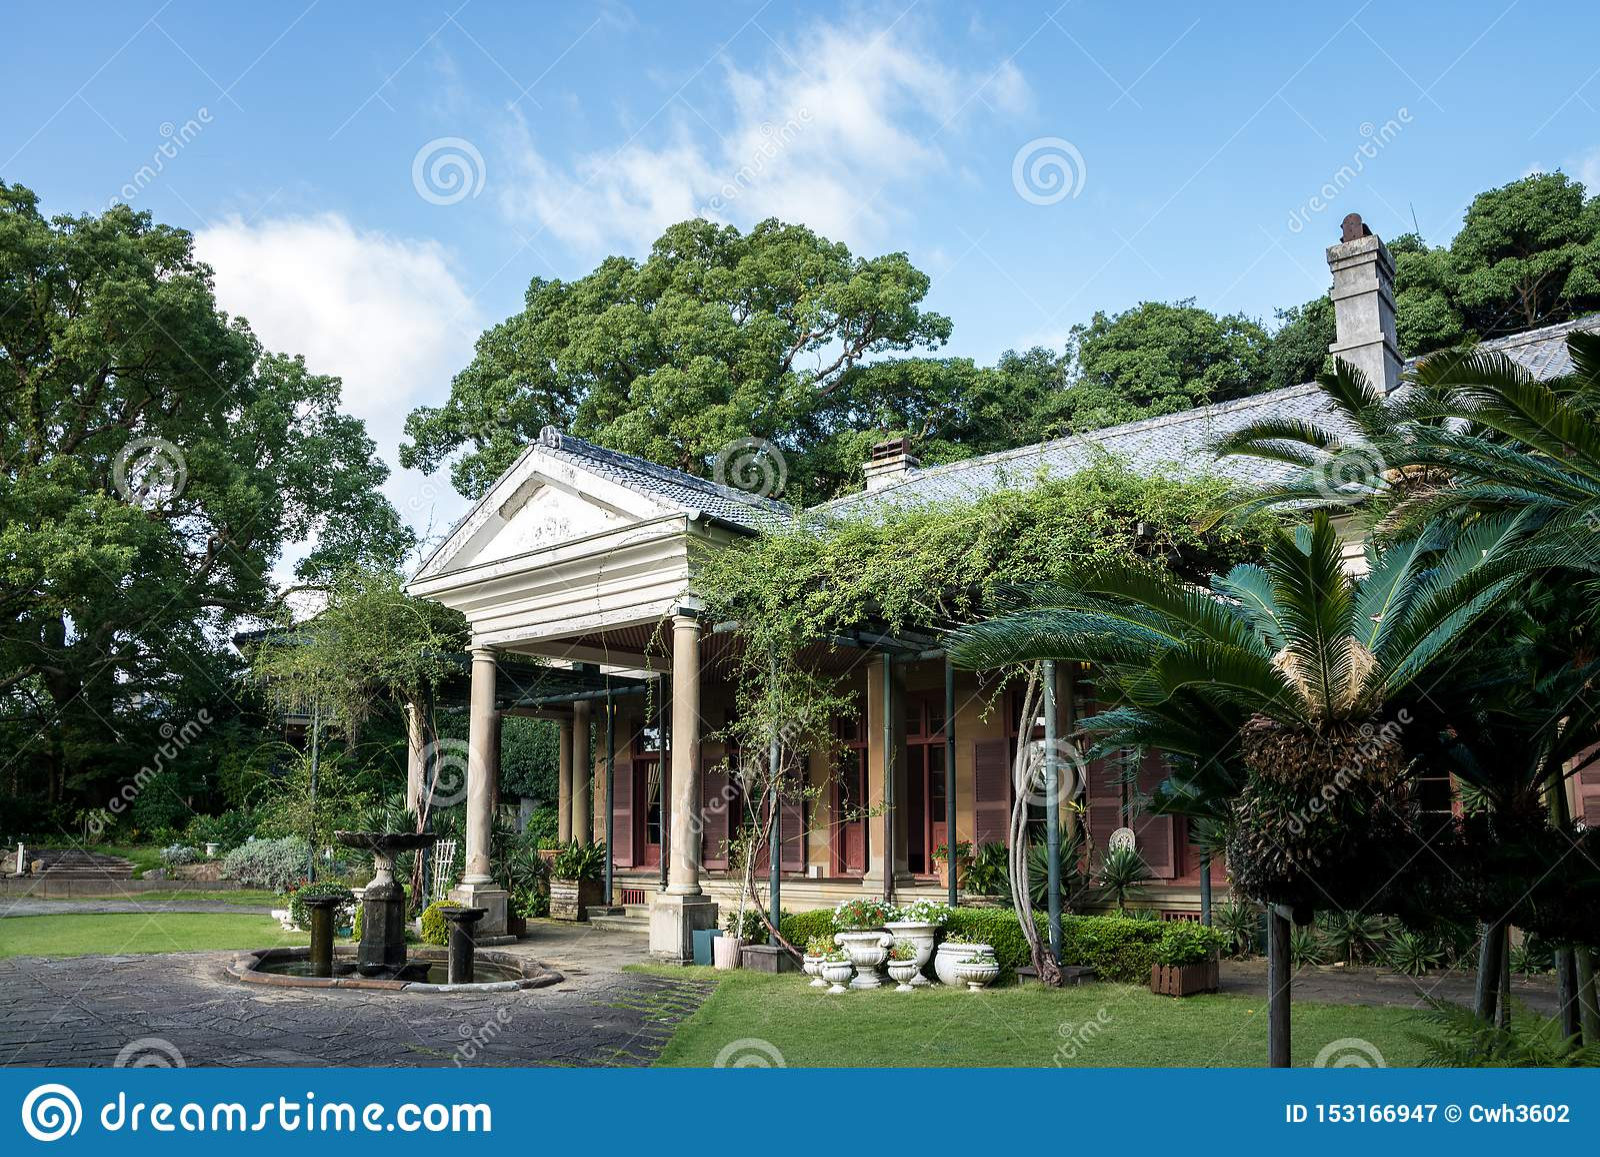 Casa anterior del Alt en Glover Garden, Nagasaki, Kyushu, Japón - la residencia del comerciante William Alt